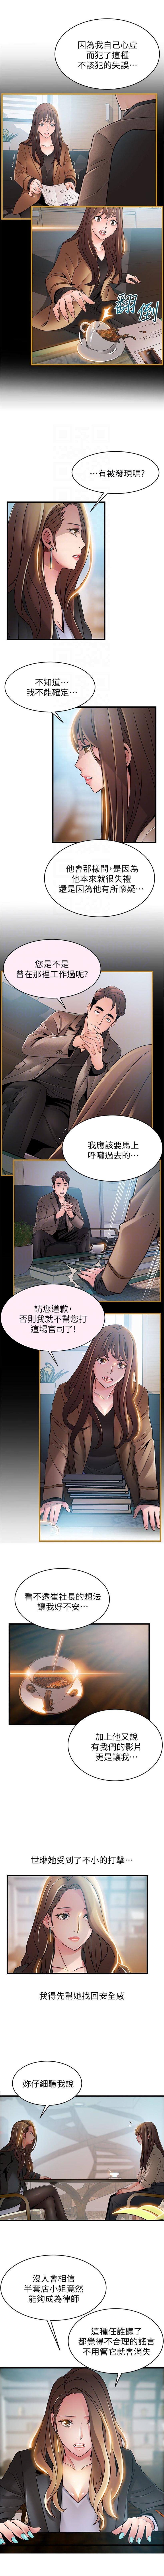 (週7)弱點 1-76 中文翻譯(更新中) 259